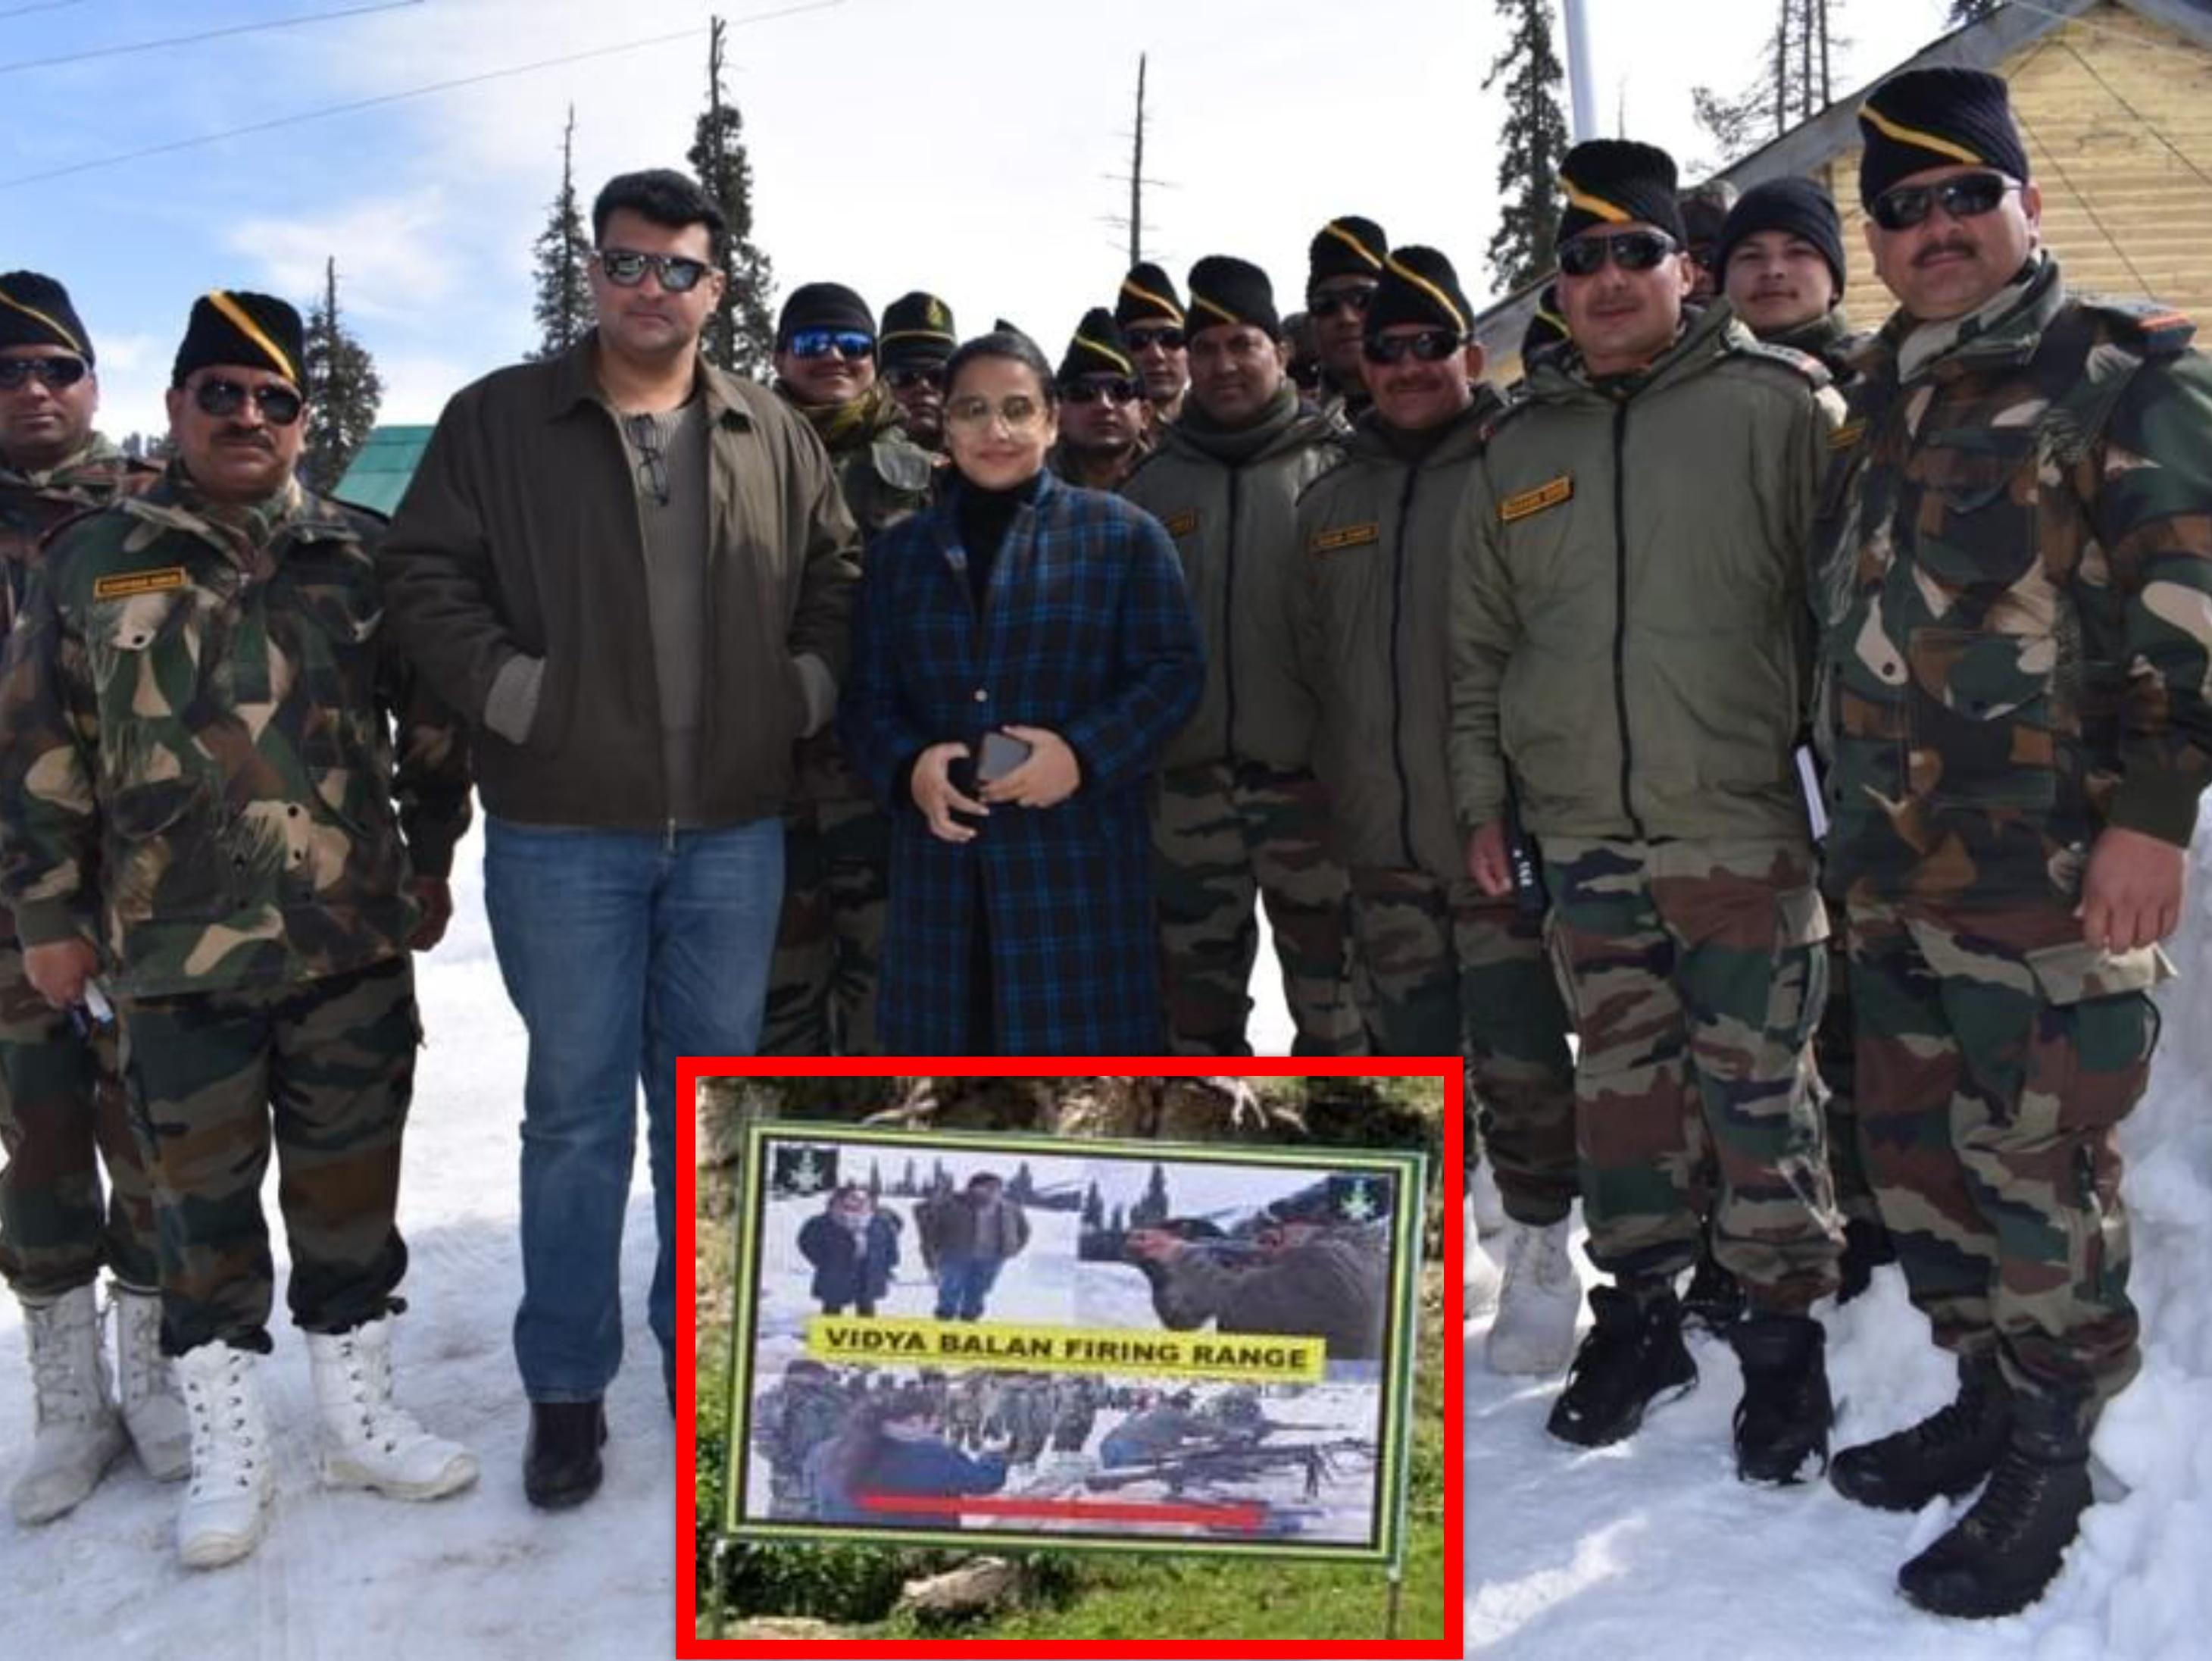 Indian Army pays tribute to lioness, military firing range built in Gulmarg Kashmir in the name of Vidya Balan   भारतीय सेना ने शेरनी को ट्रिब्यूट दिया, विद्या बालन के नाम पर गुलमर्ग कश्मीर में बनाया सैन्य फायरिंग रेंज